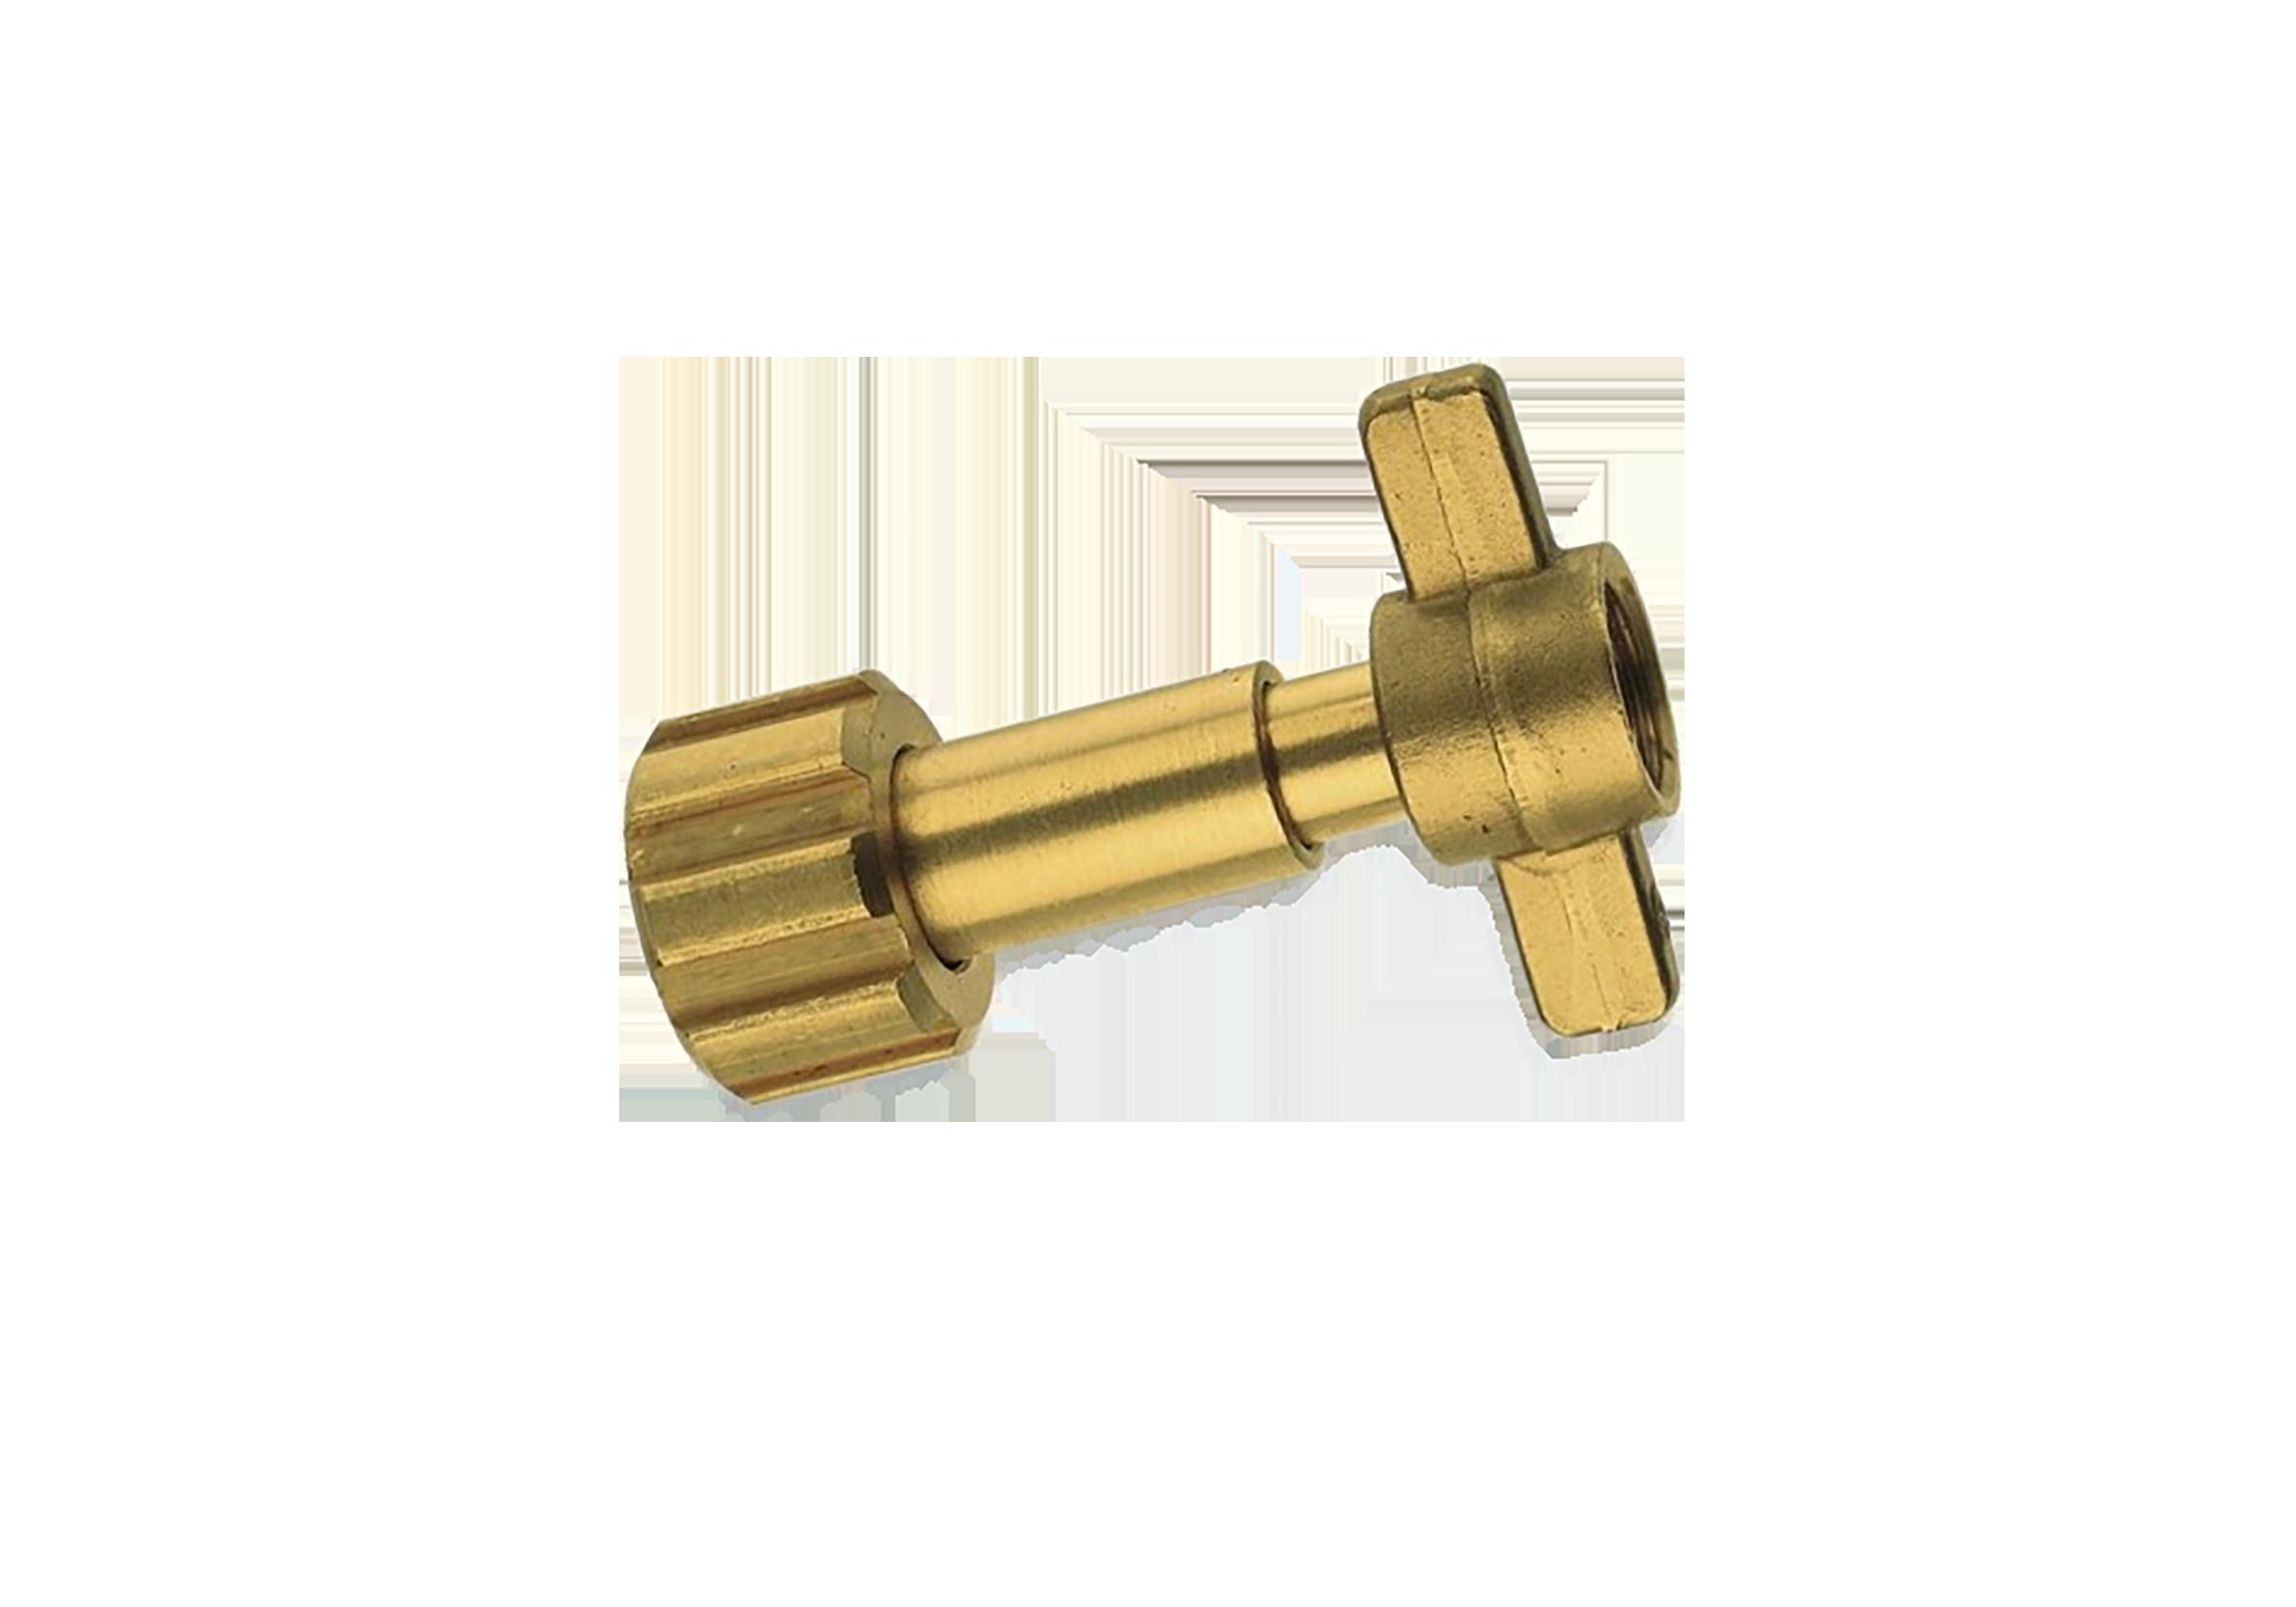 Umfüllstutzen / Refill adaptor